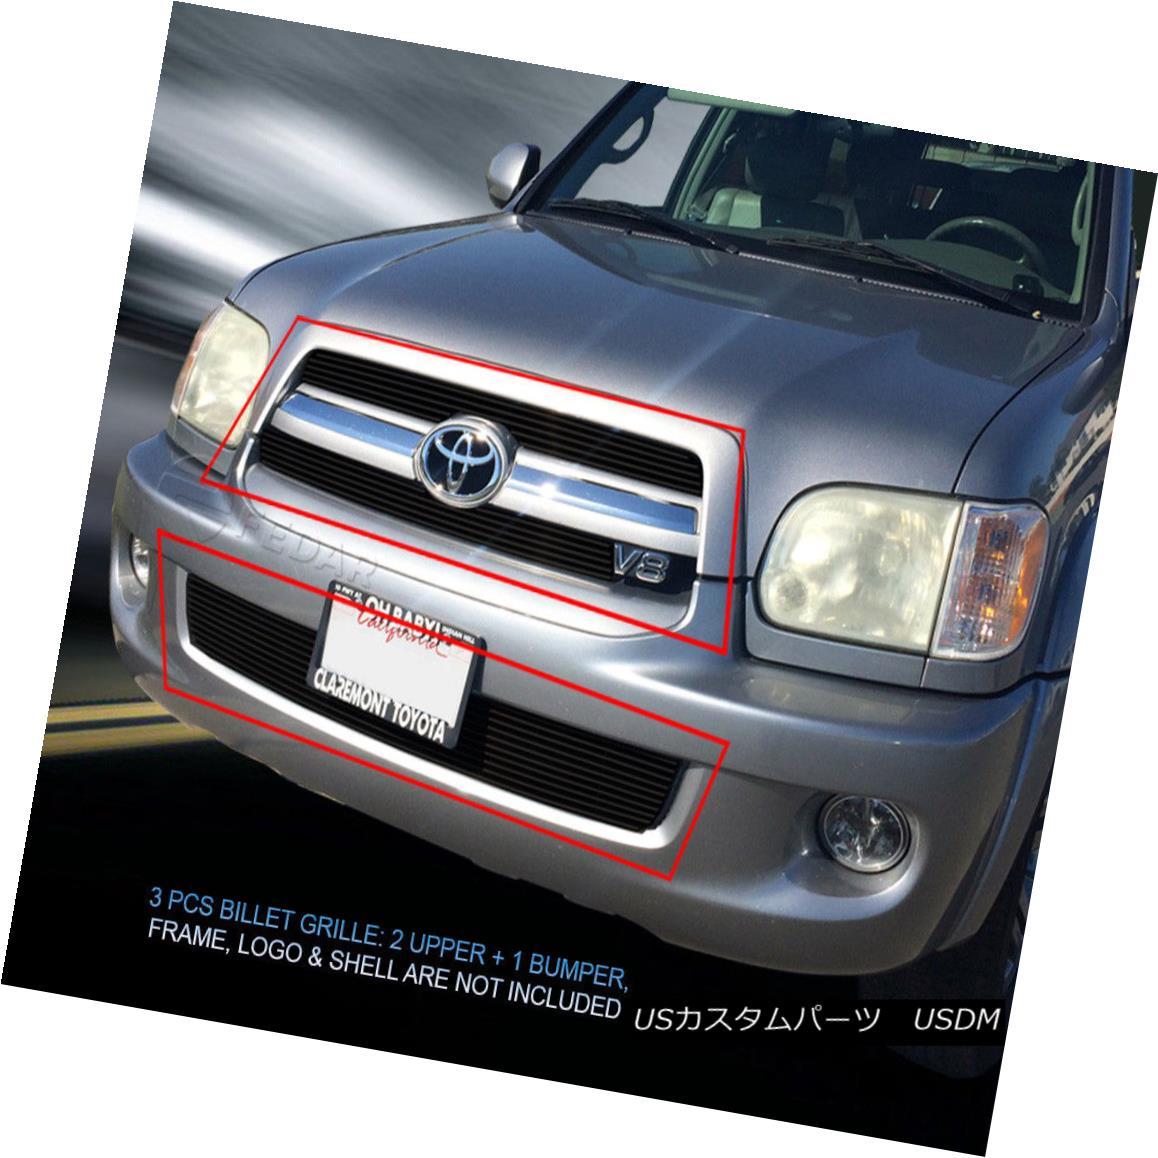 グリル 05-07 Toyota Sequoia Black Billet Grille Grill Combo Insert Fedar 05-07トヨタセコイアブラックビレットグリルグリルコンボインサートFedar